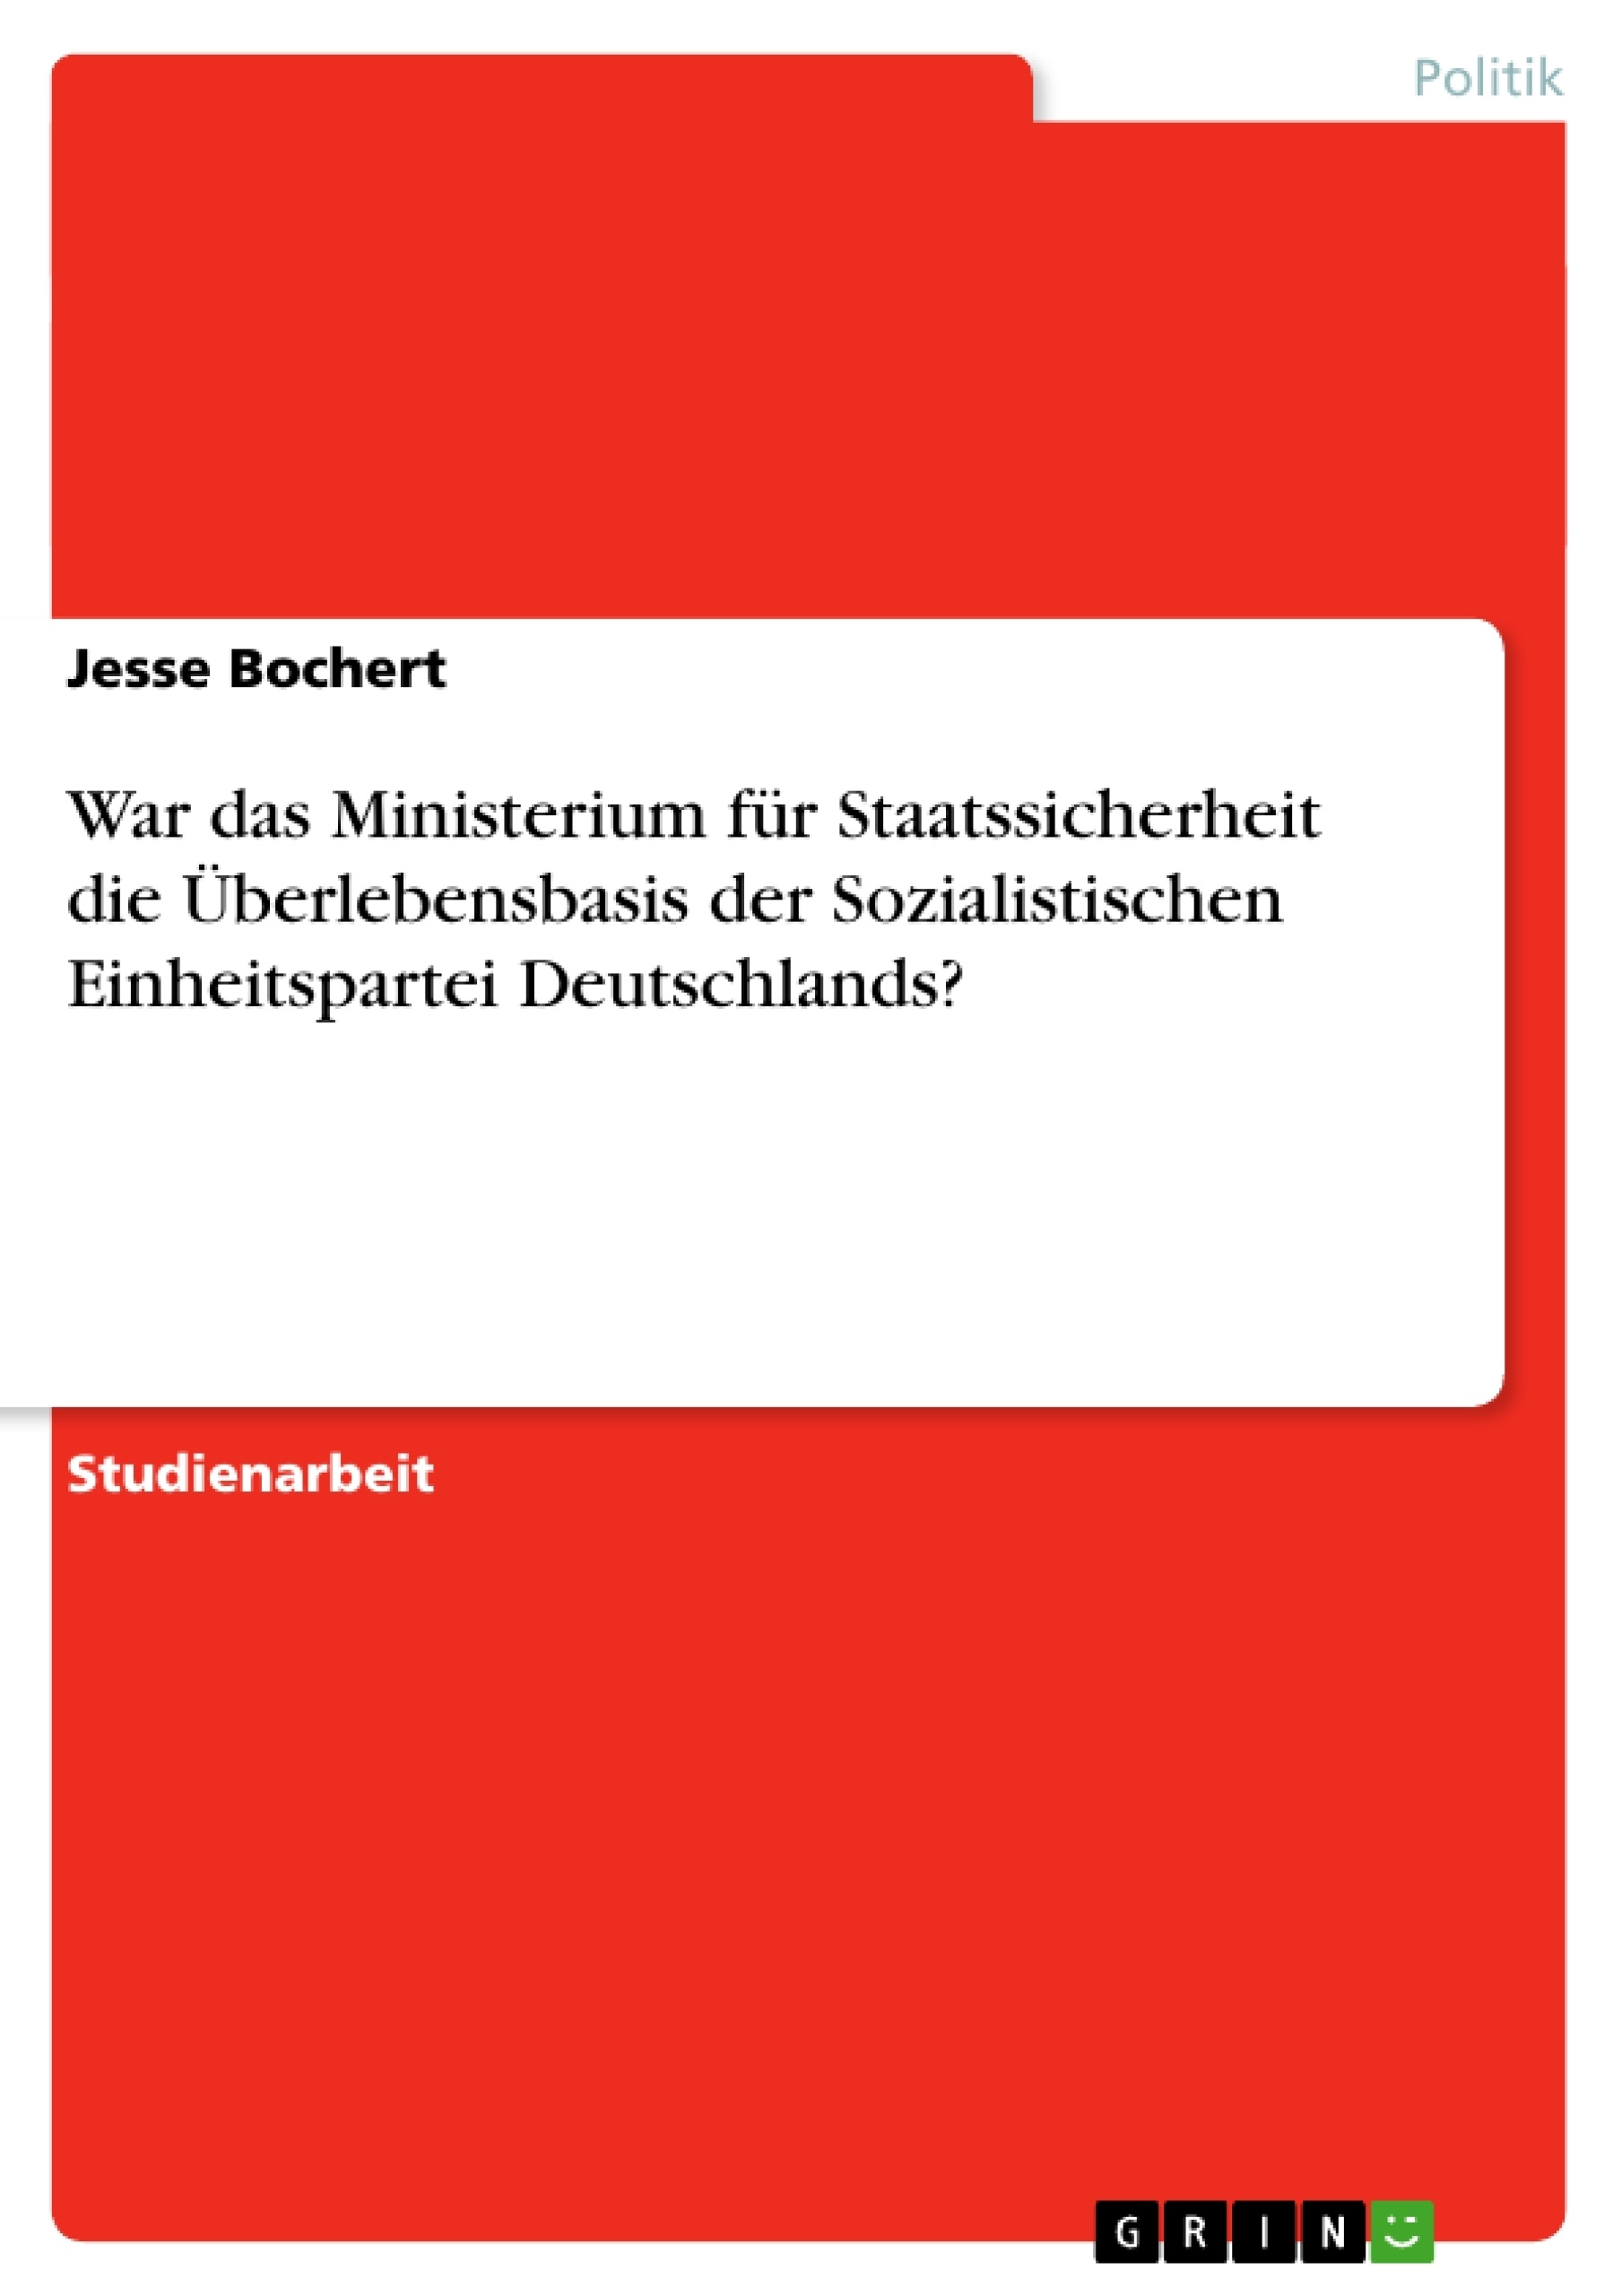 Titel: War das Ministerium für Staatssicherheit die Überlebensbasis der Sozialistischen Einheitspartei Deutschlands?